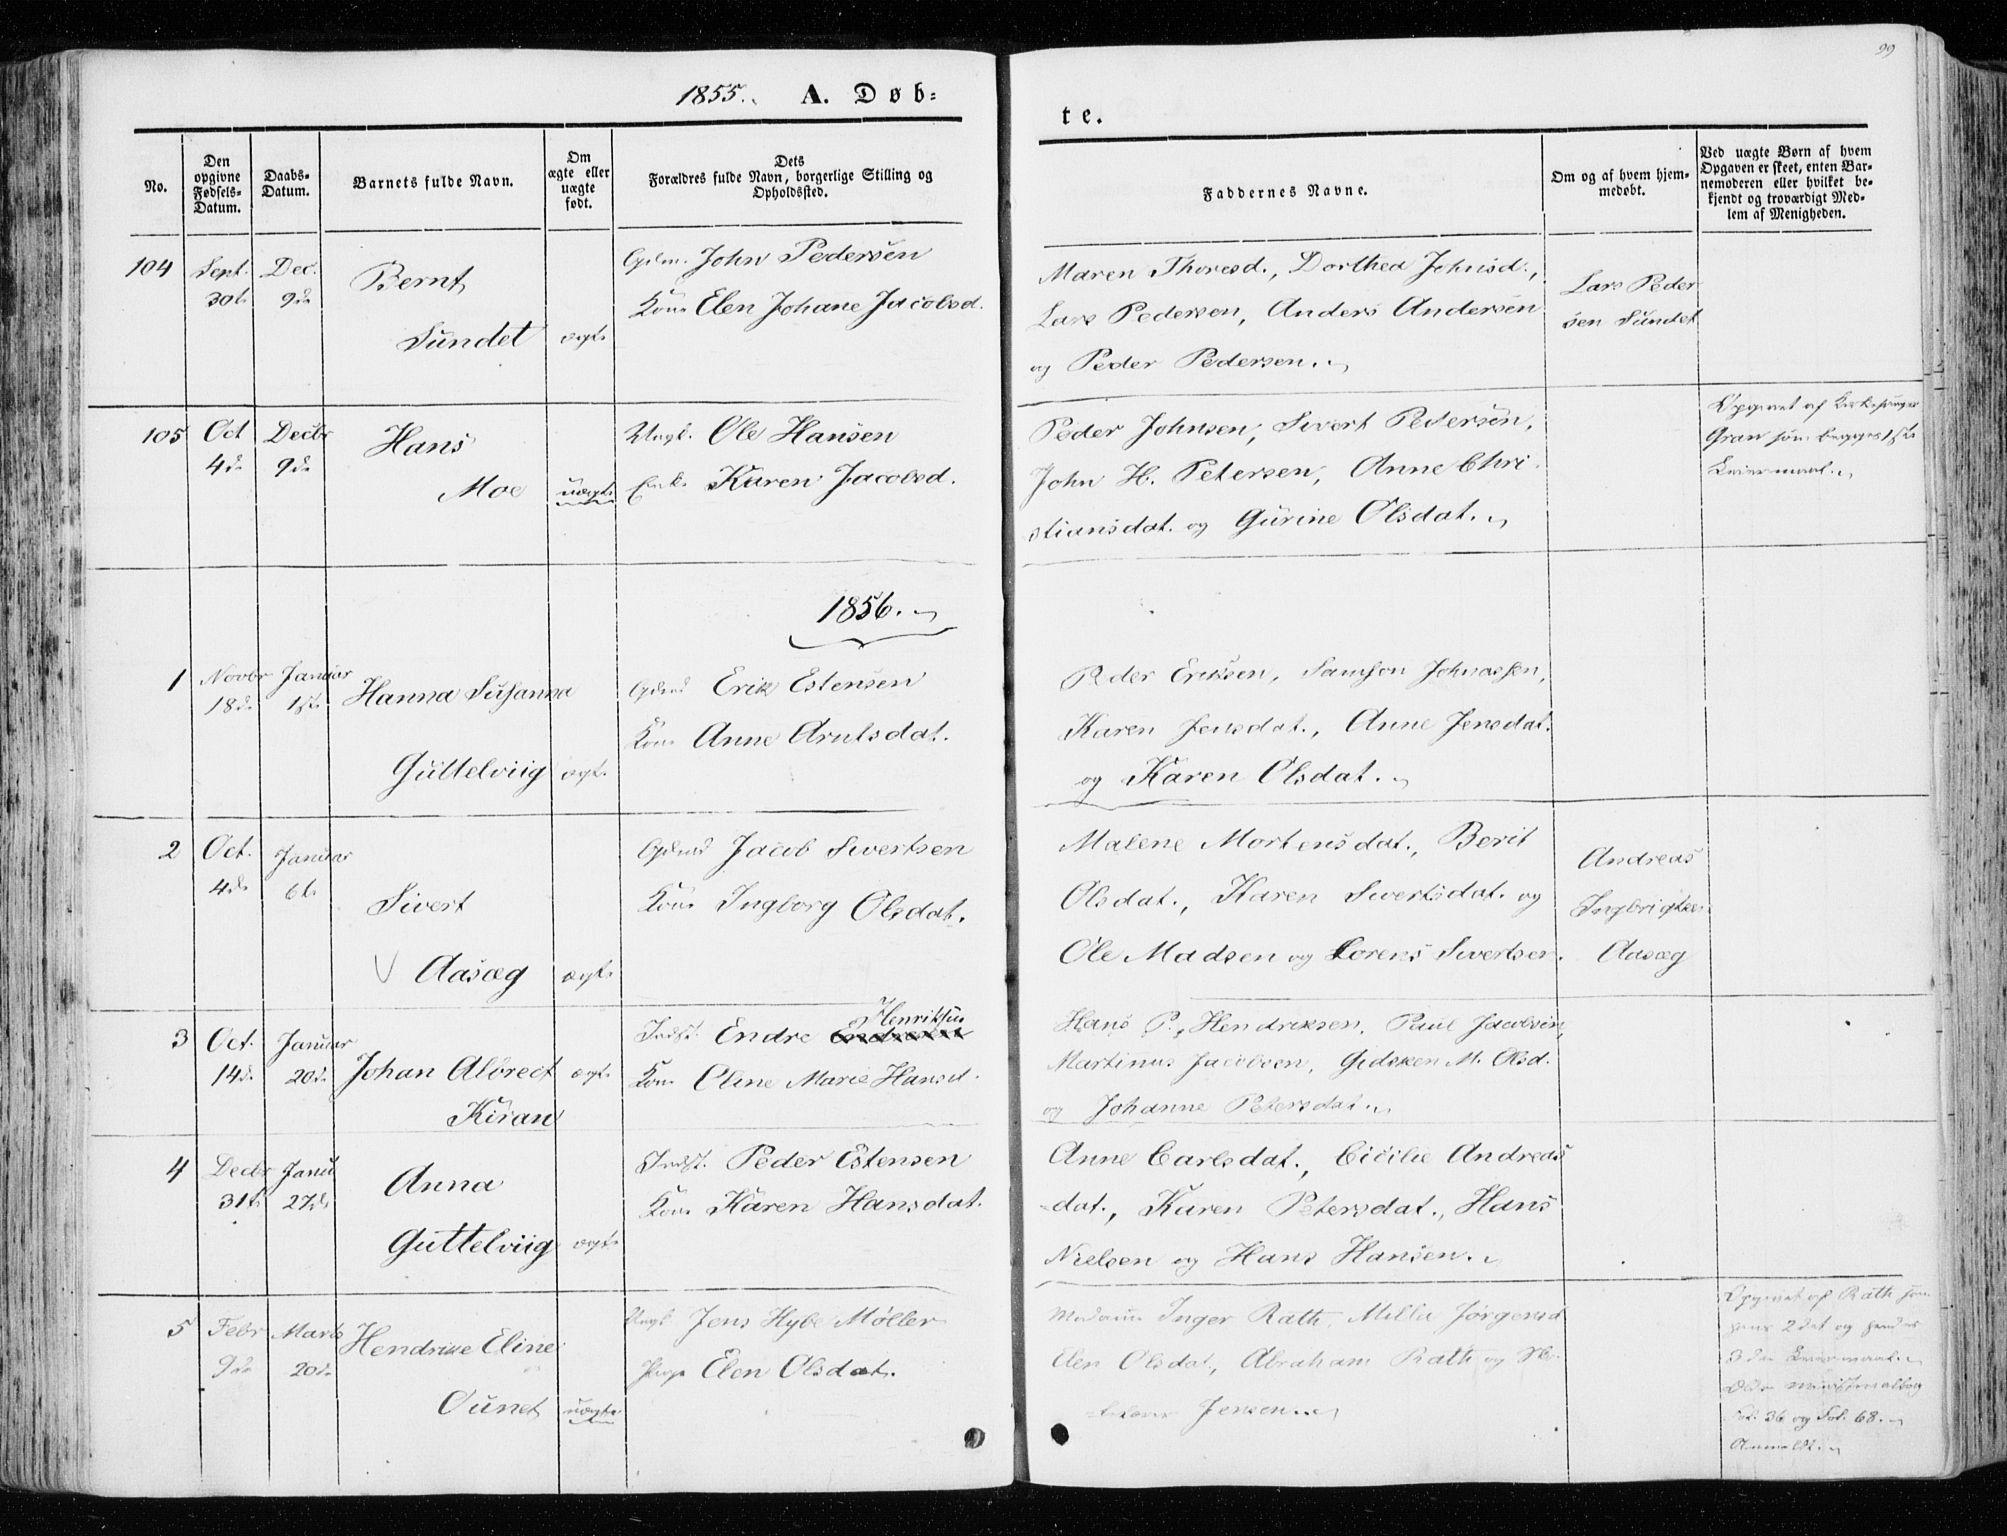 SAT, Ministerialprotokoller, klokkerbøker og fødselsregistre - Sør-Trøndelag, 657/L0704: Ministerialbok nr. 657A05, 1846-1857, s. 99